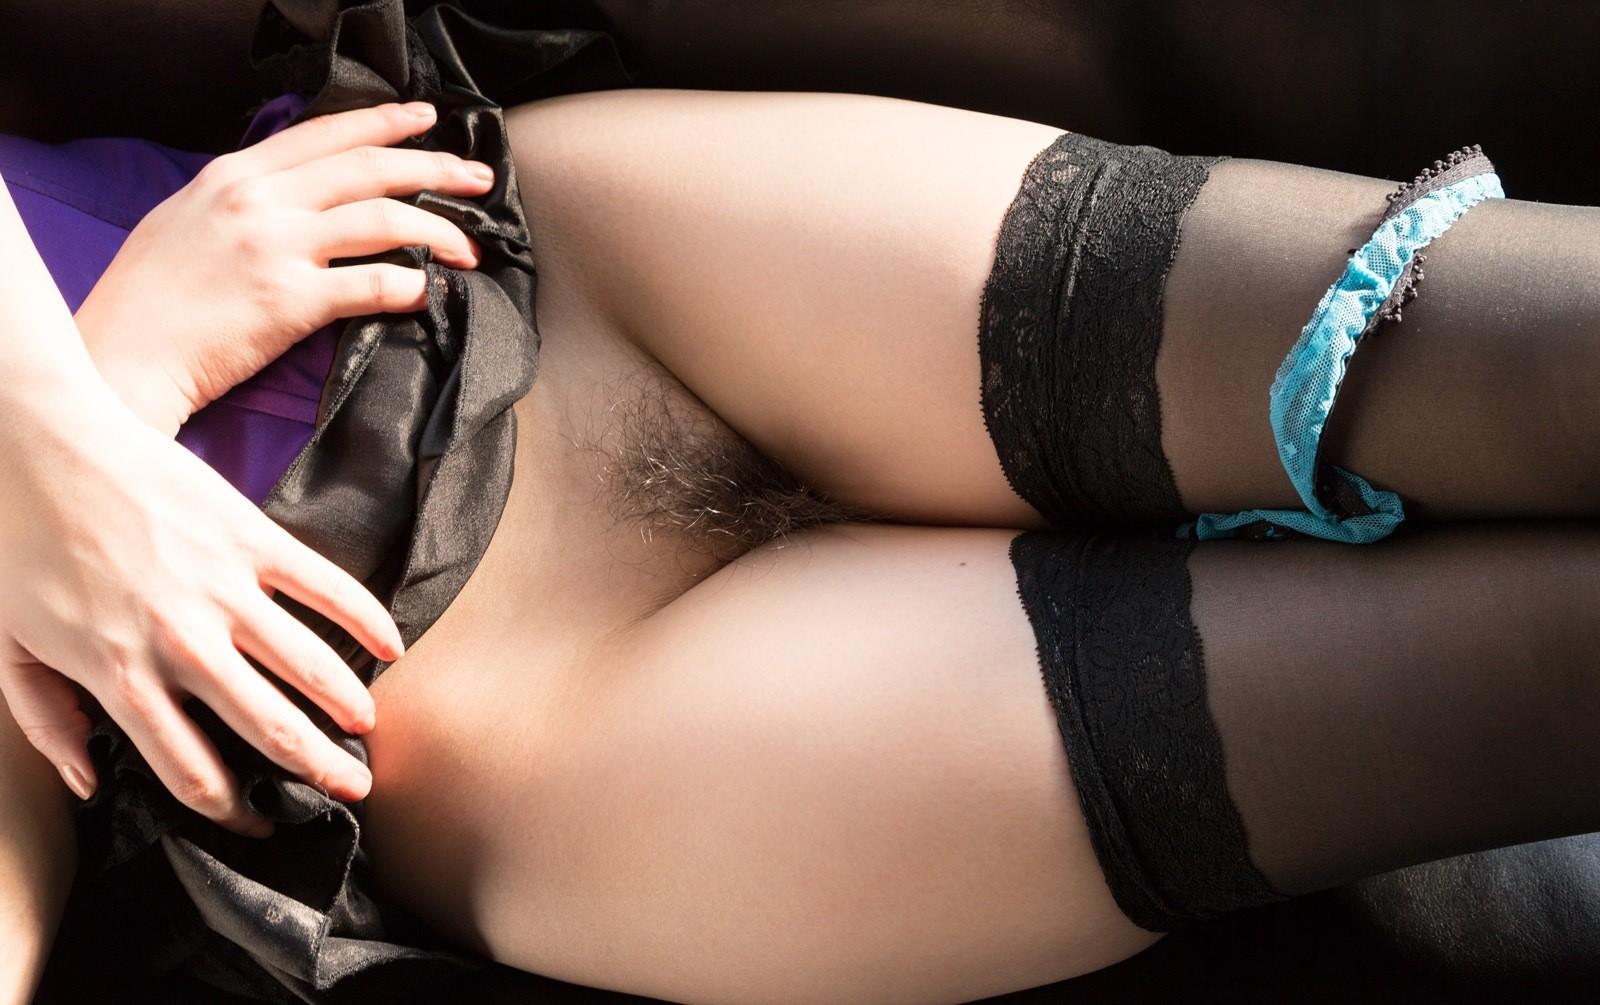 【陰毛エロ画像】日本人にはまだ必要wアソコを守るためのもっさりマン毛www 02